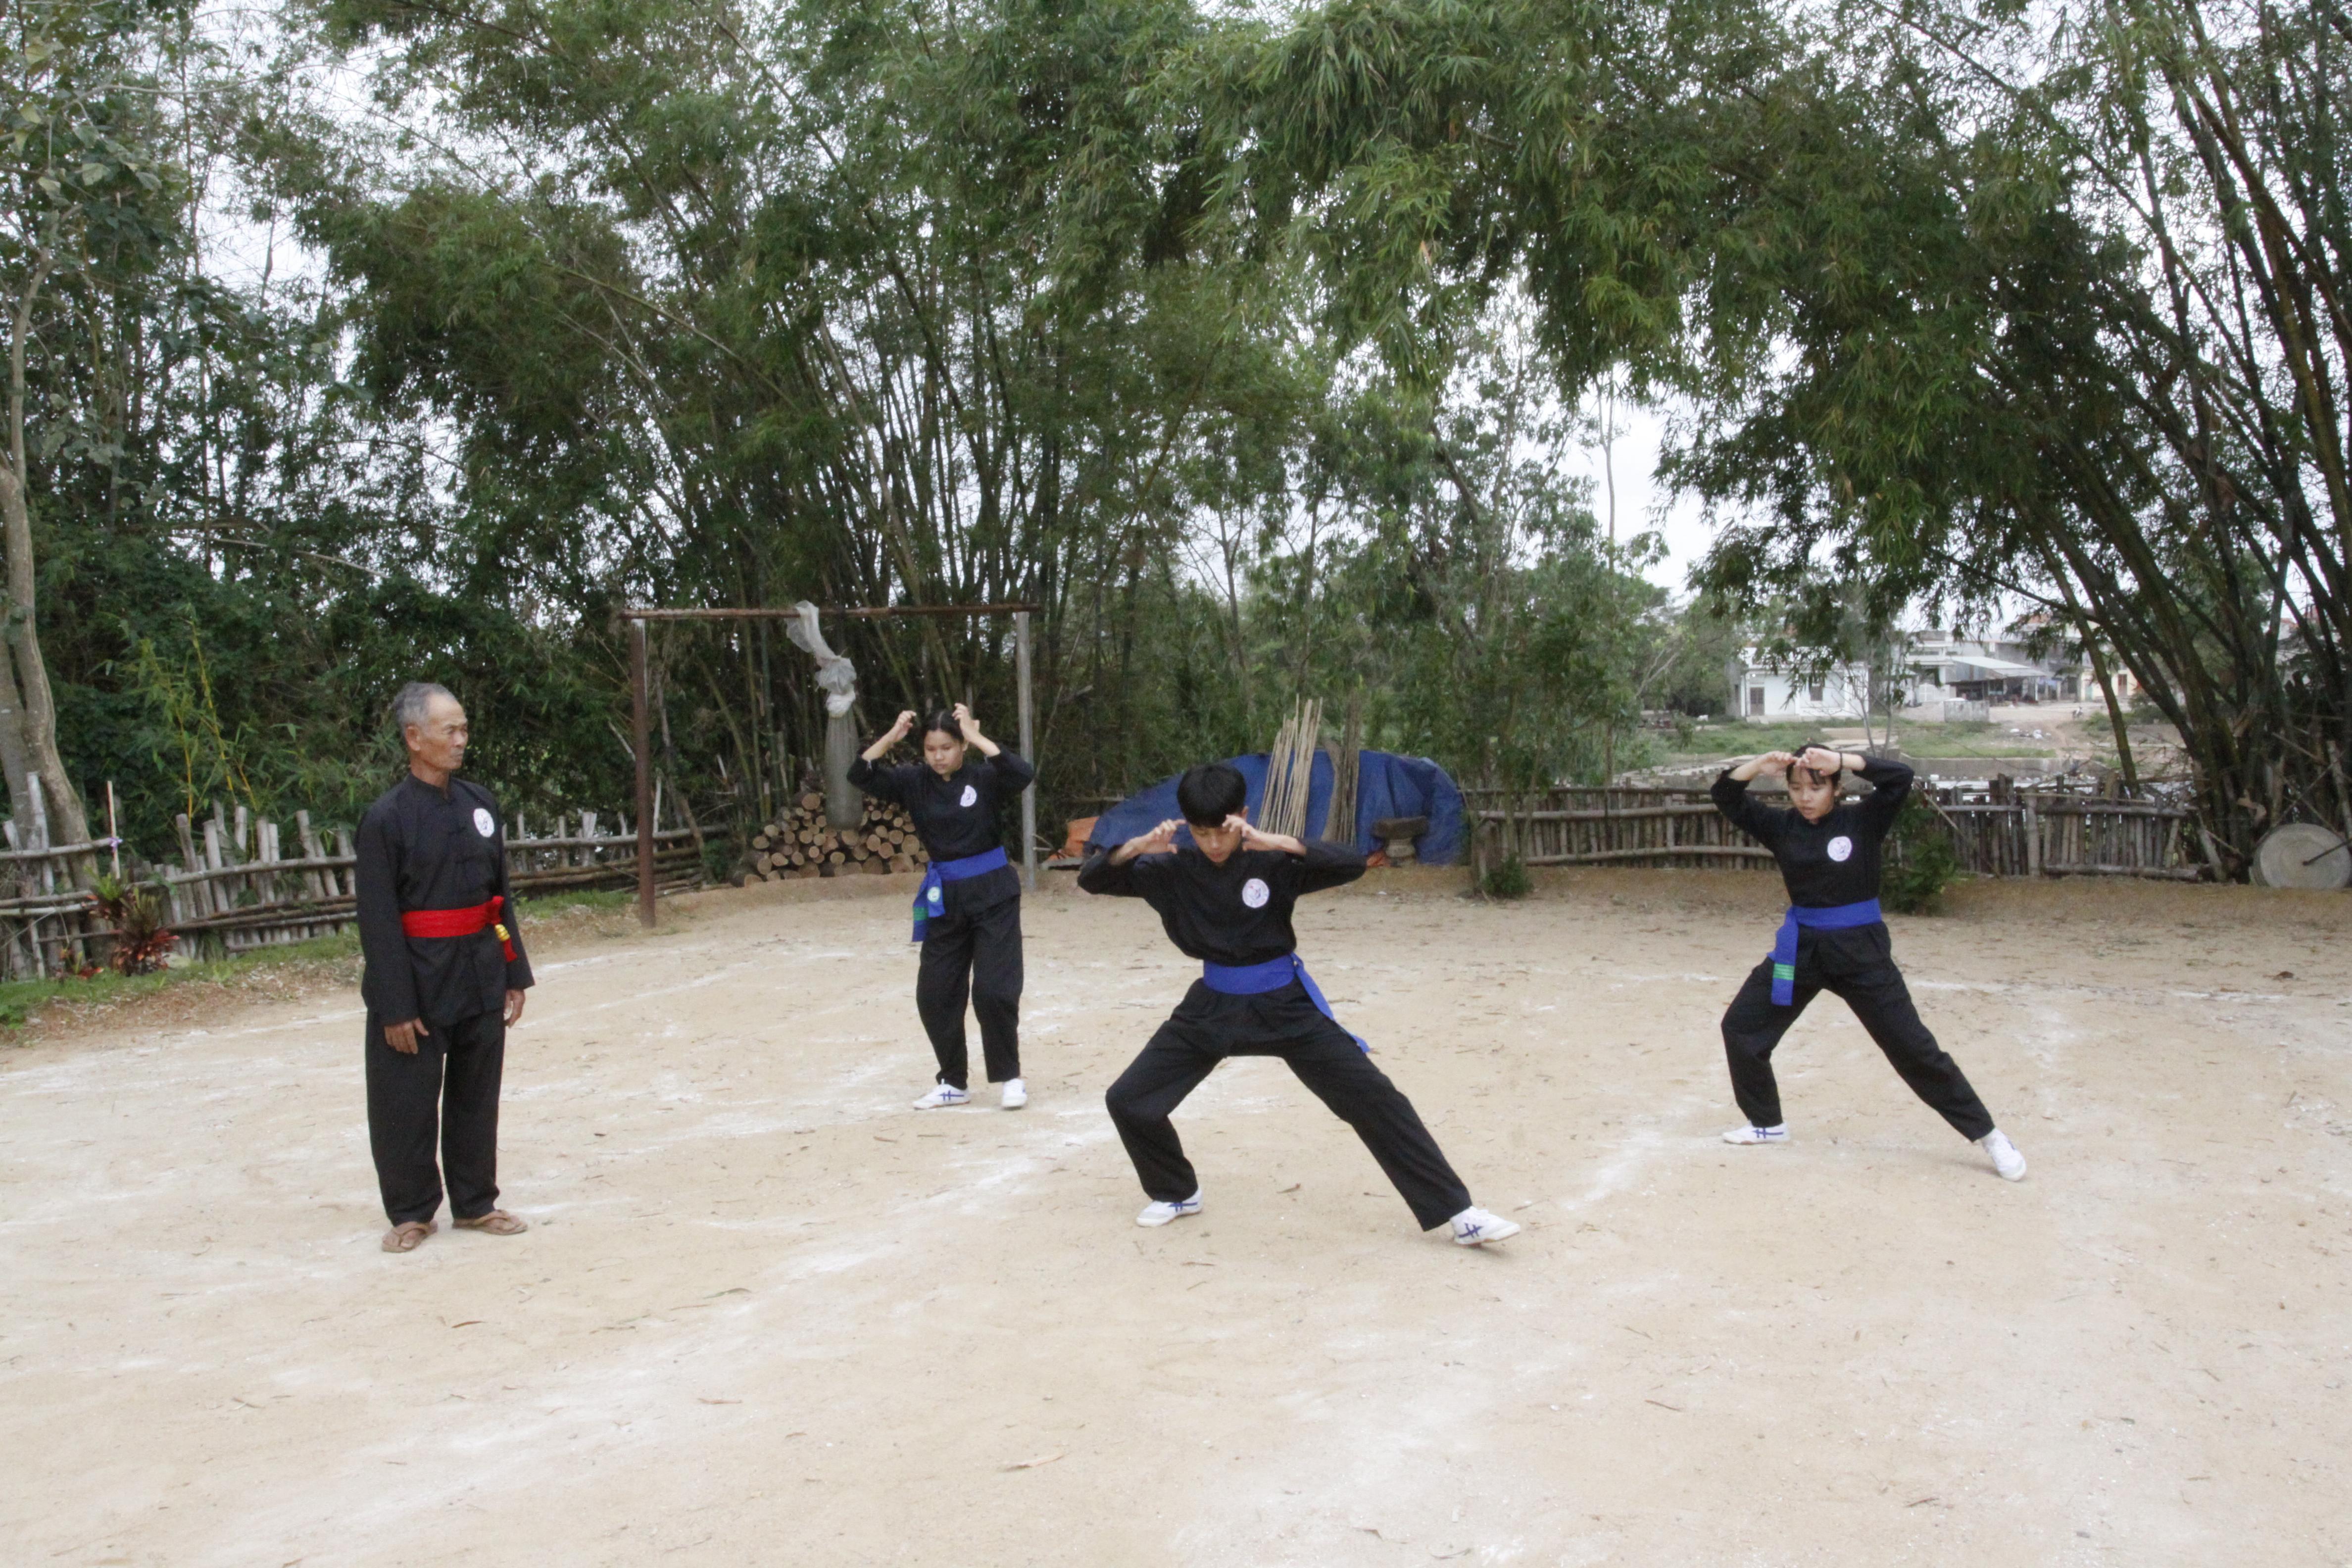 """Võ đường Lê Xuân Cảnh là một trong những """"lò"""" còn giữ và truyền dạy nhiều bài võ cổ truyền Bình Định"""